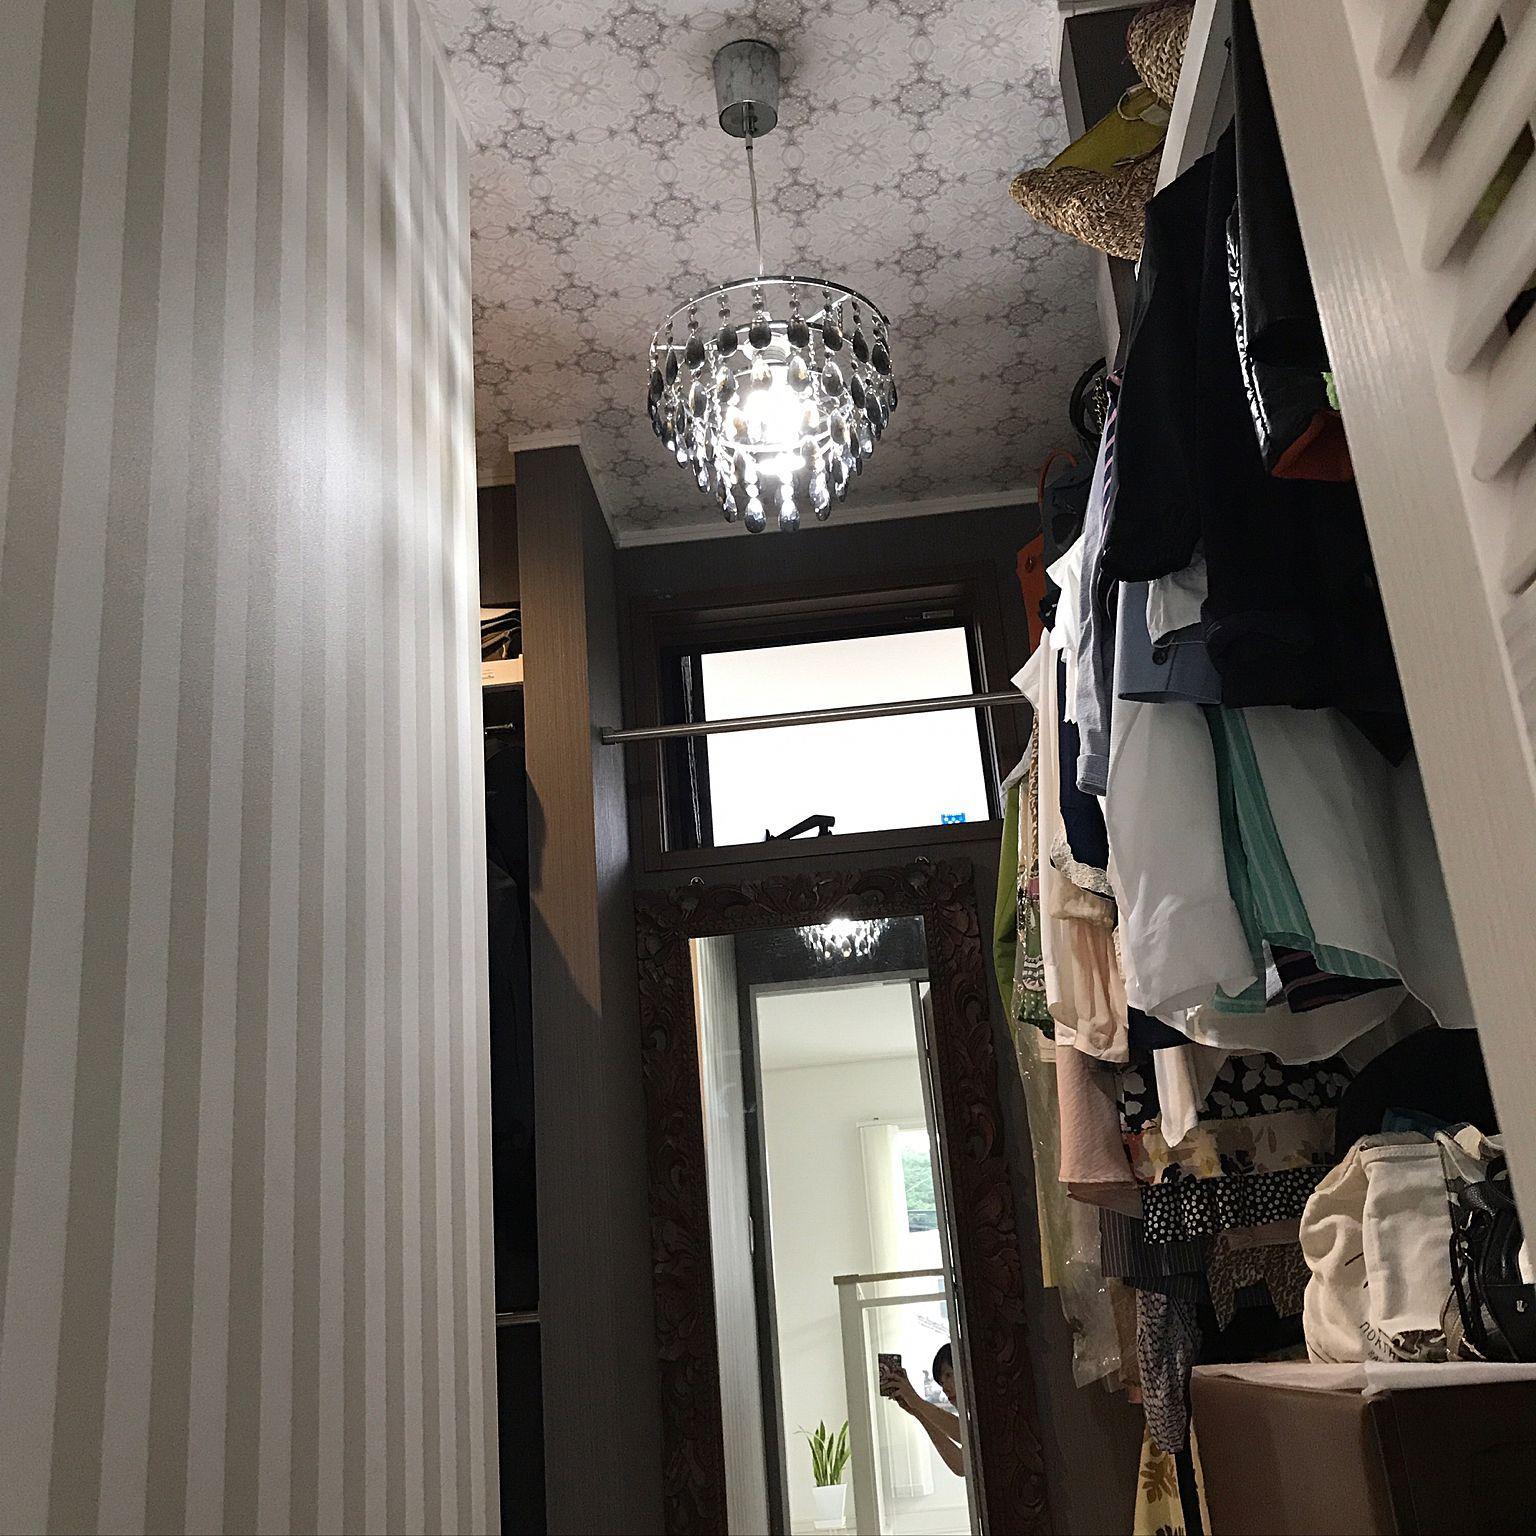 b4cdcf199d6 レースの壁紙/ストライプの壁紙/壁紙/シャンデリア/ウォークインクローゼット/照明のインテリア実例 - 2017-08-14 22:09:27 |  RoomClip (ルームクリップ)